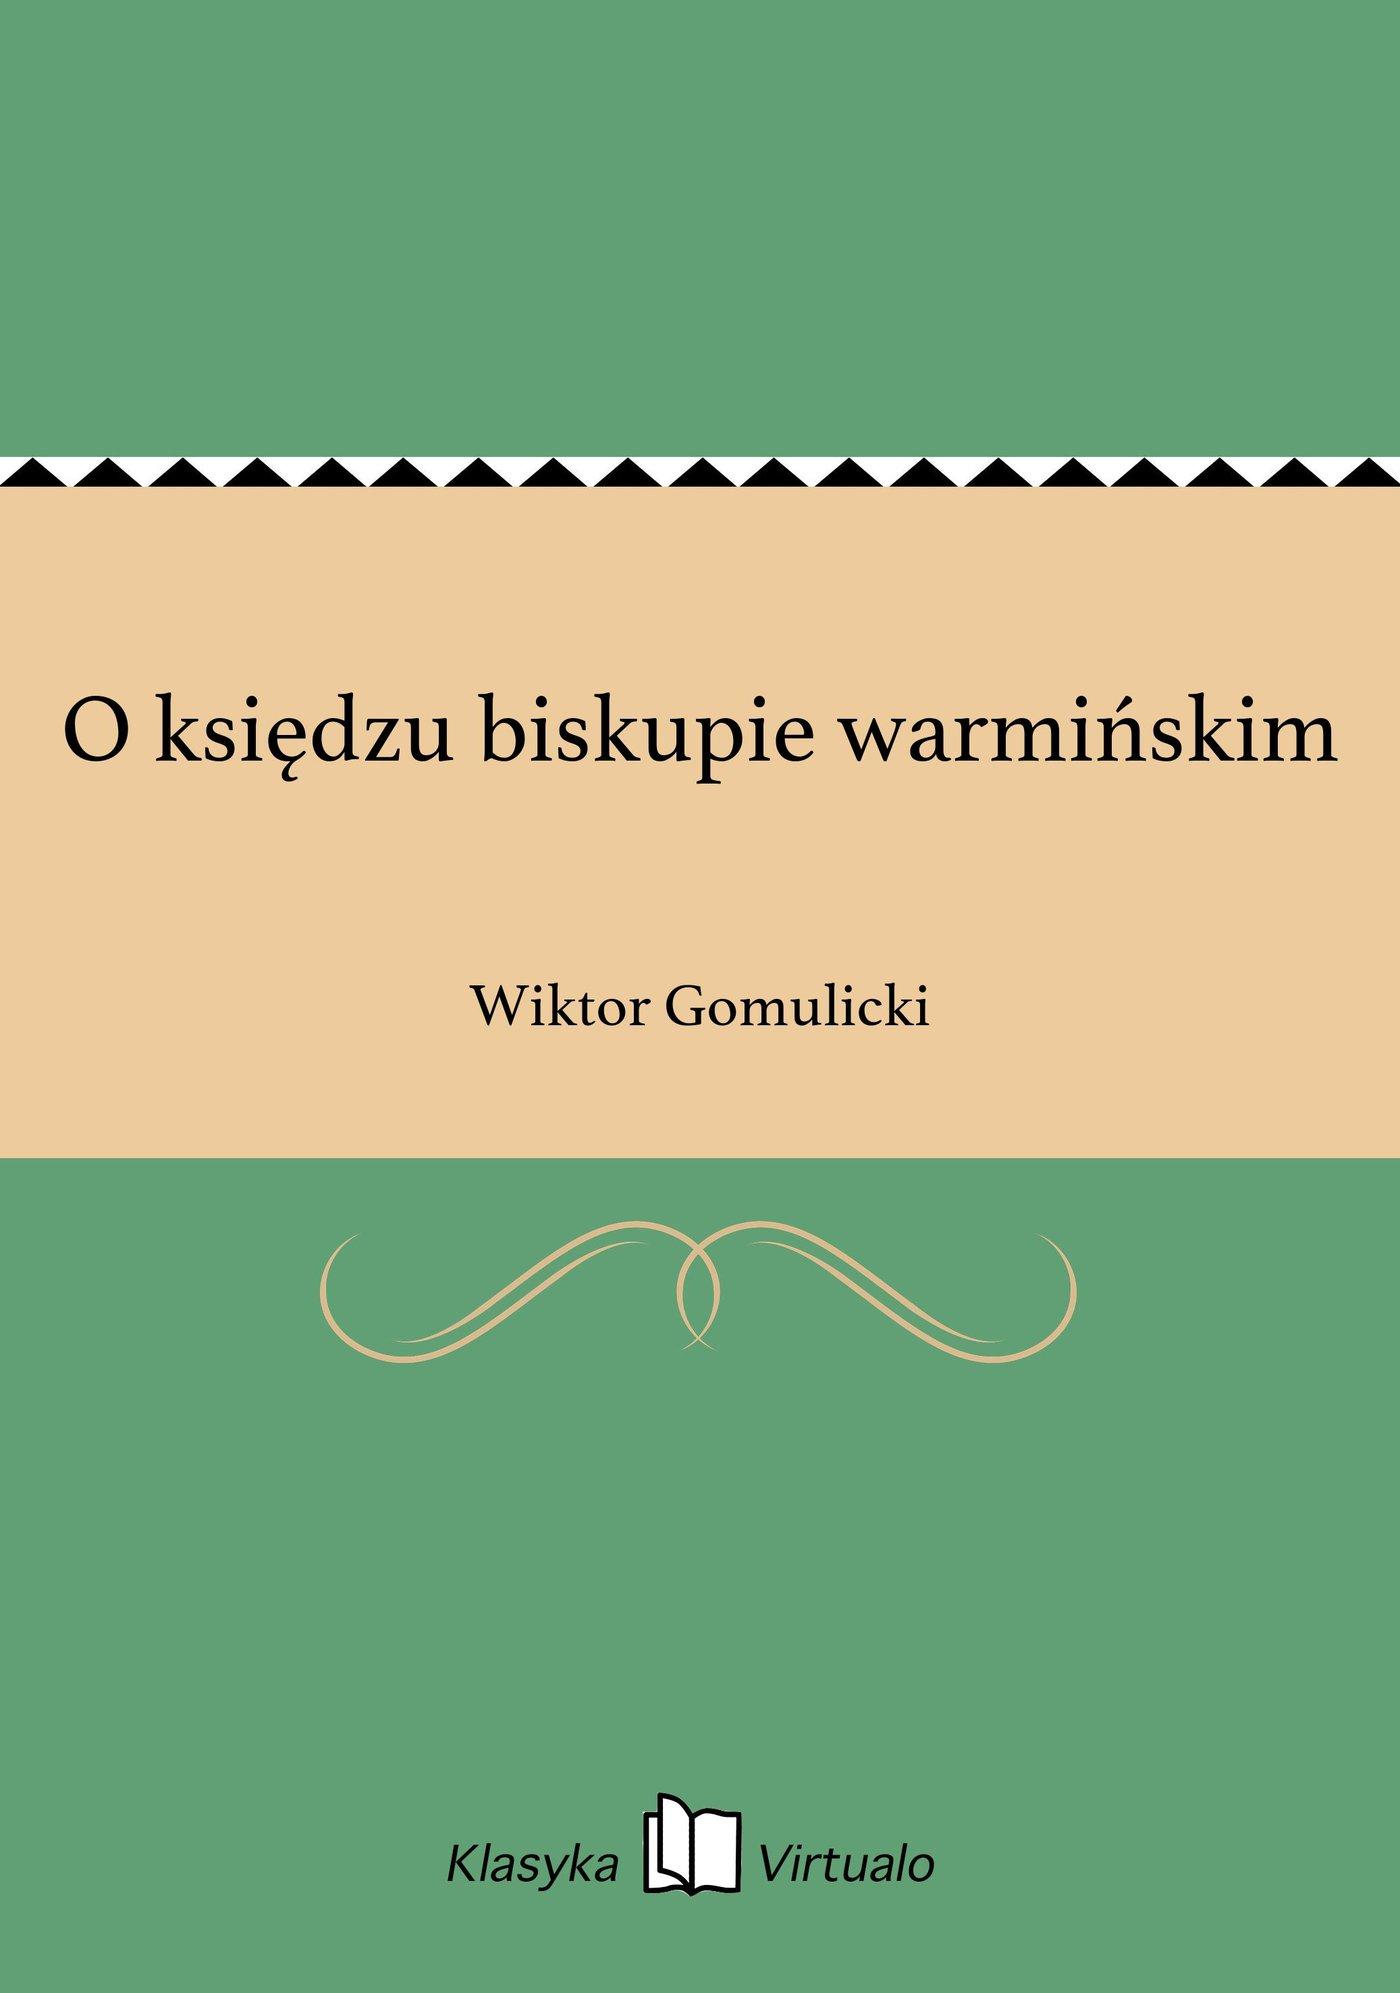 O księdzu biskupie warmińskim - Ebook (Książka EPUB) do pobrania w formacie EPUB